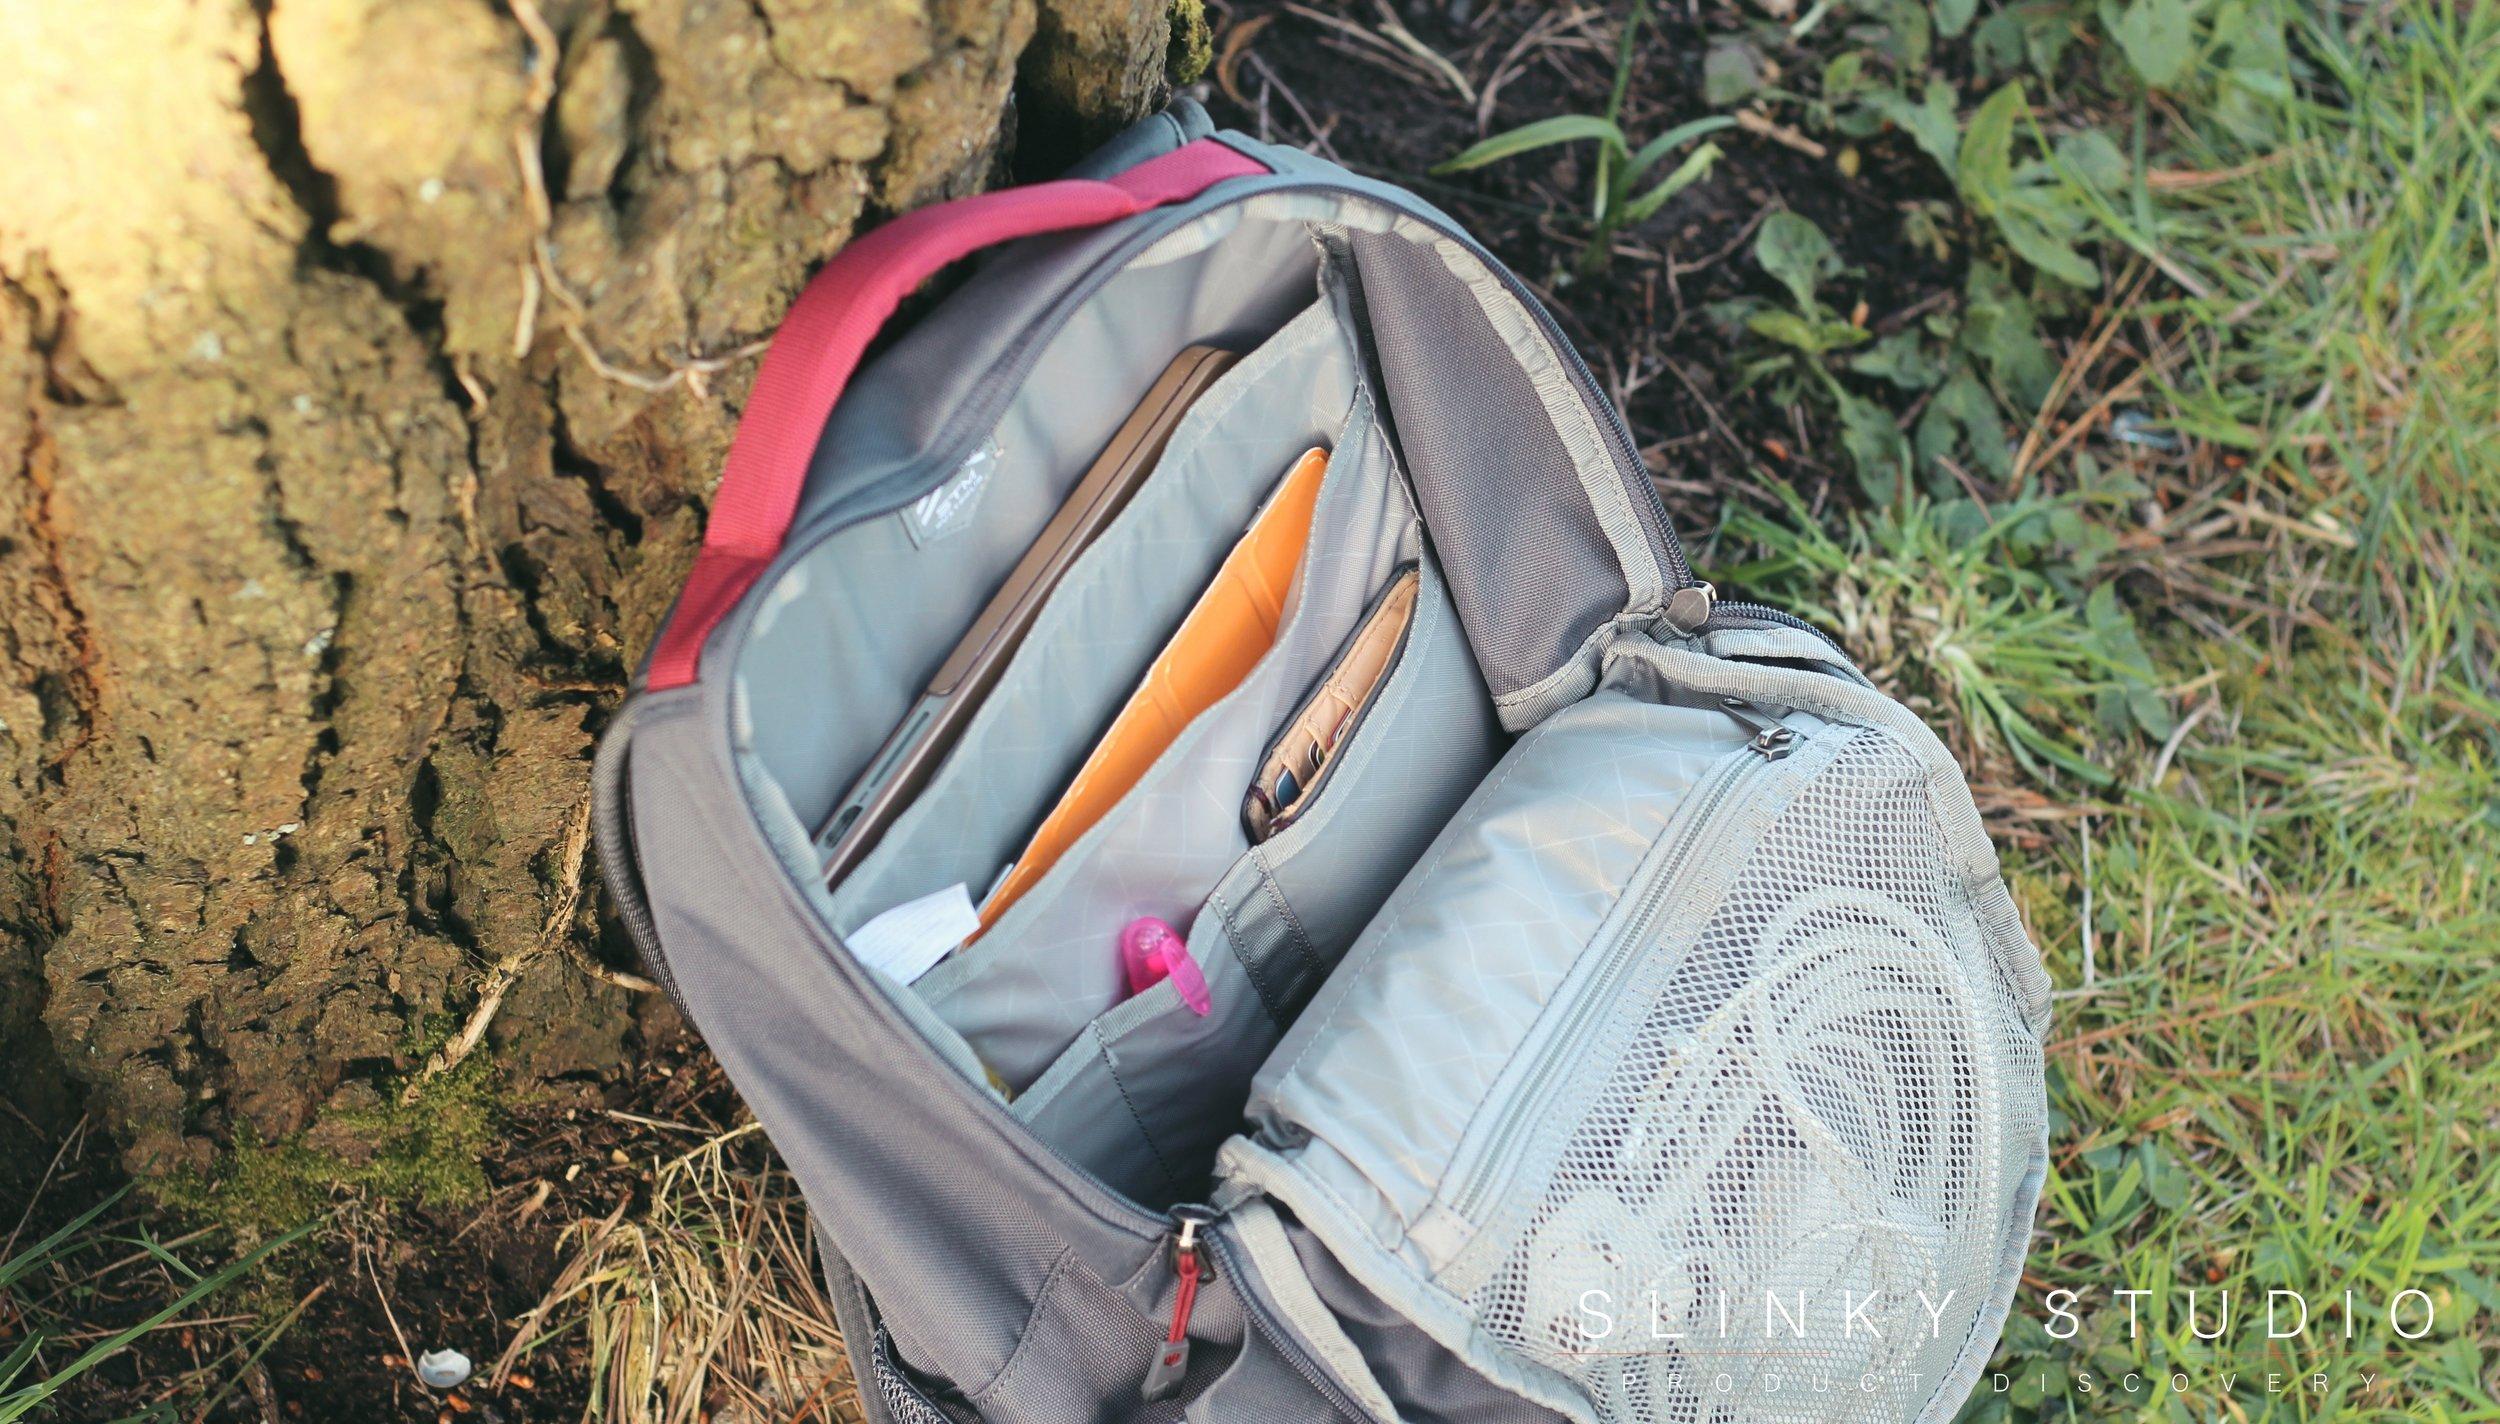 STM Saga Backpack Storage Space.jpg